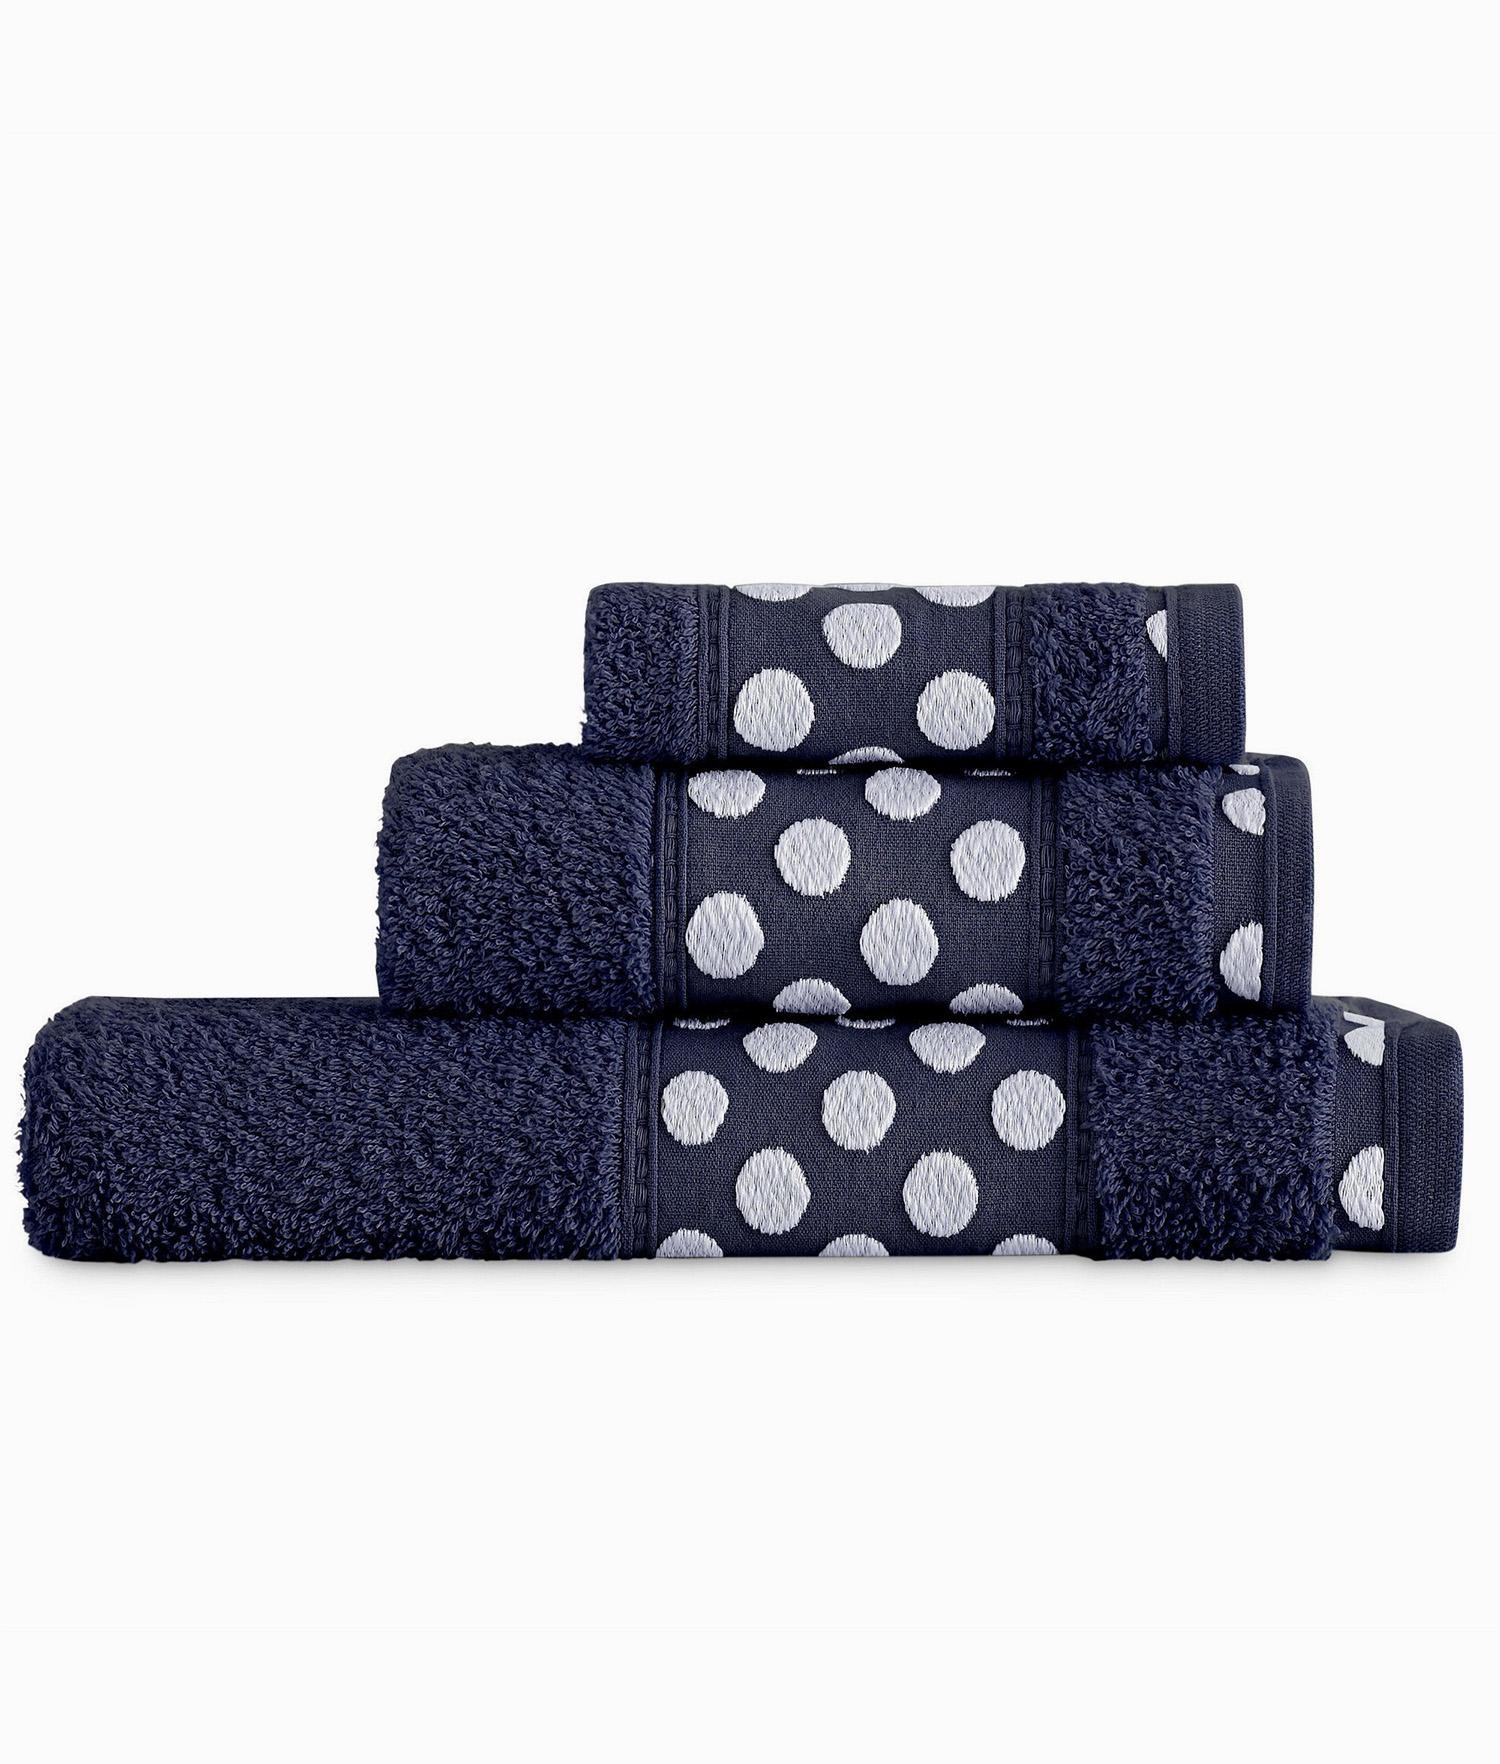 Juego de 3 Toallas - Azul Marino